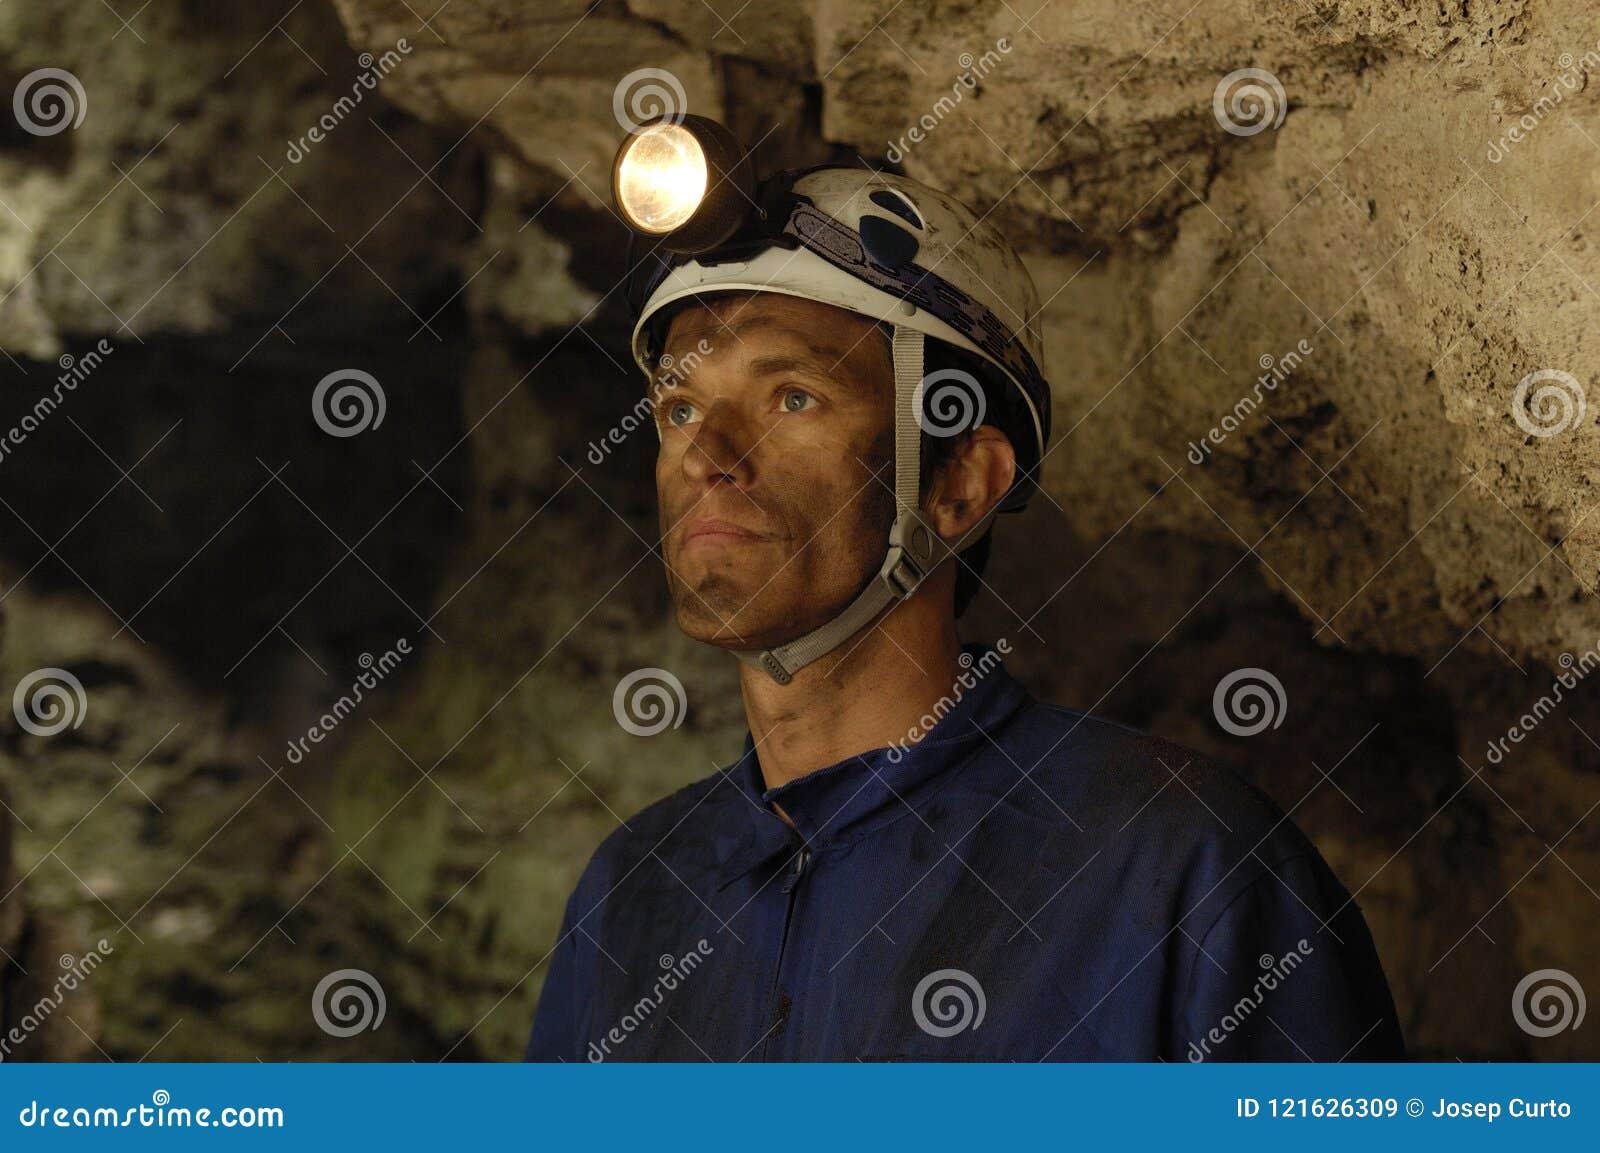 Πορτρέτο ενός ανθρακωρύχου μέσα σε ένα ορυχείο